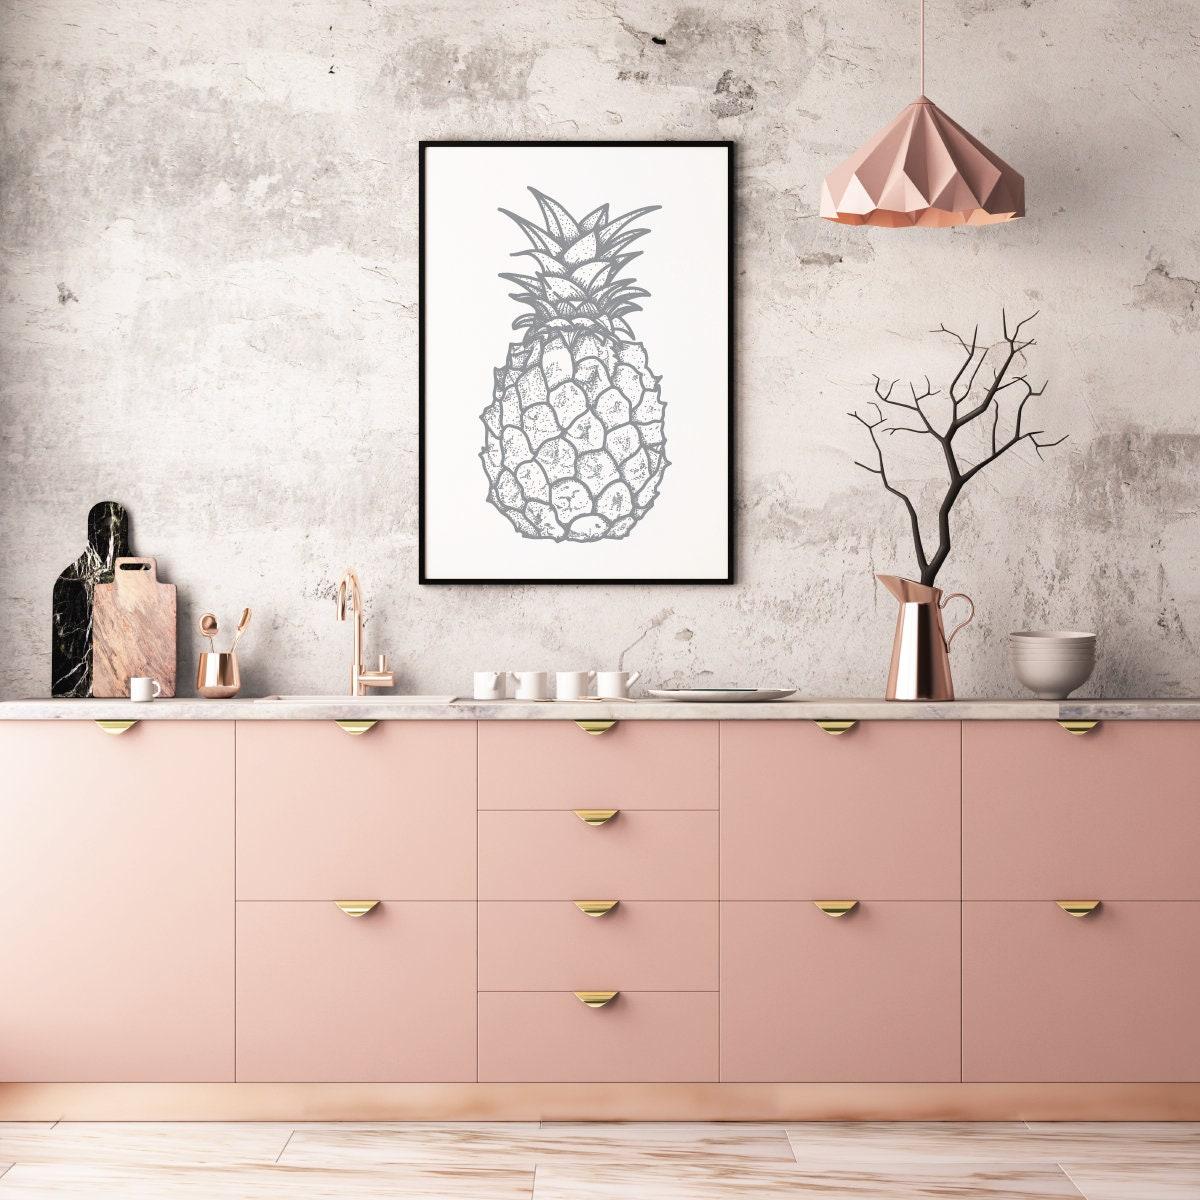 Pineapple print kitchen wall art grey print minimalist print modern wall prints bedroom wall art kitchen prints grey wall art